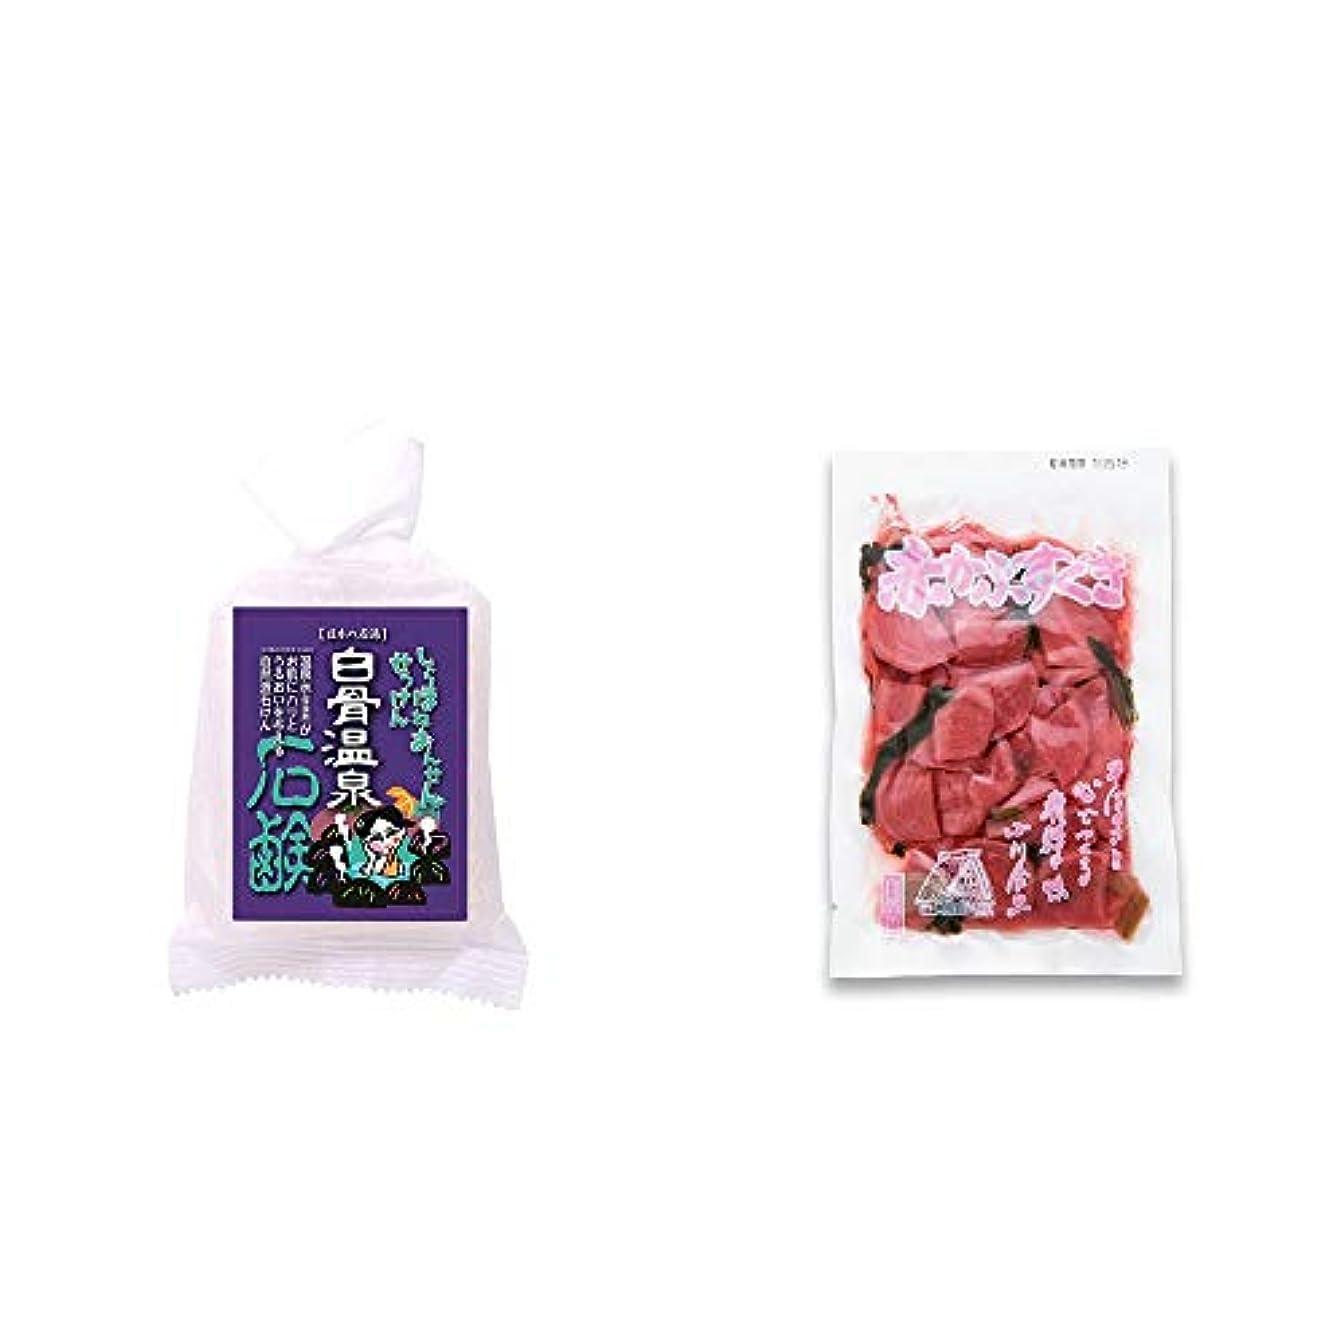 注入問い合わせ究極の[2点セット] 信州 白骨温泉石鹸(80g)?赤かぶすぐき(160g)